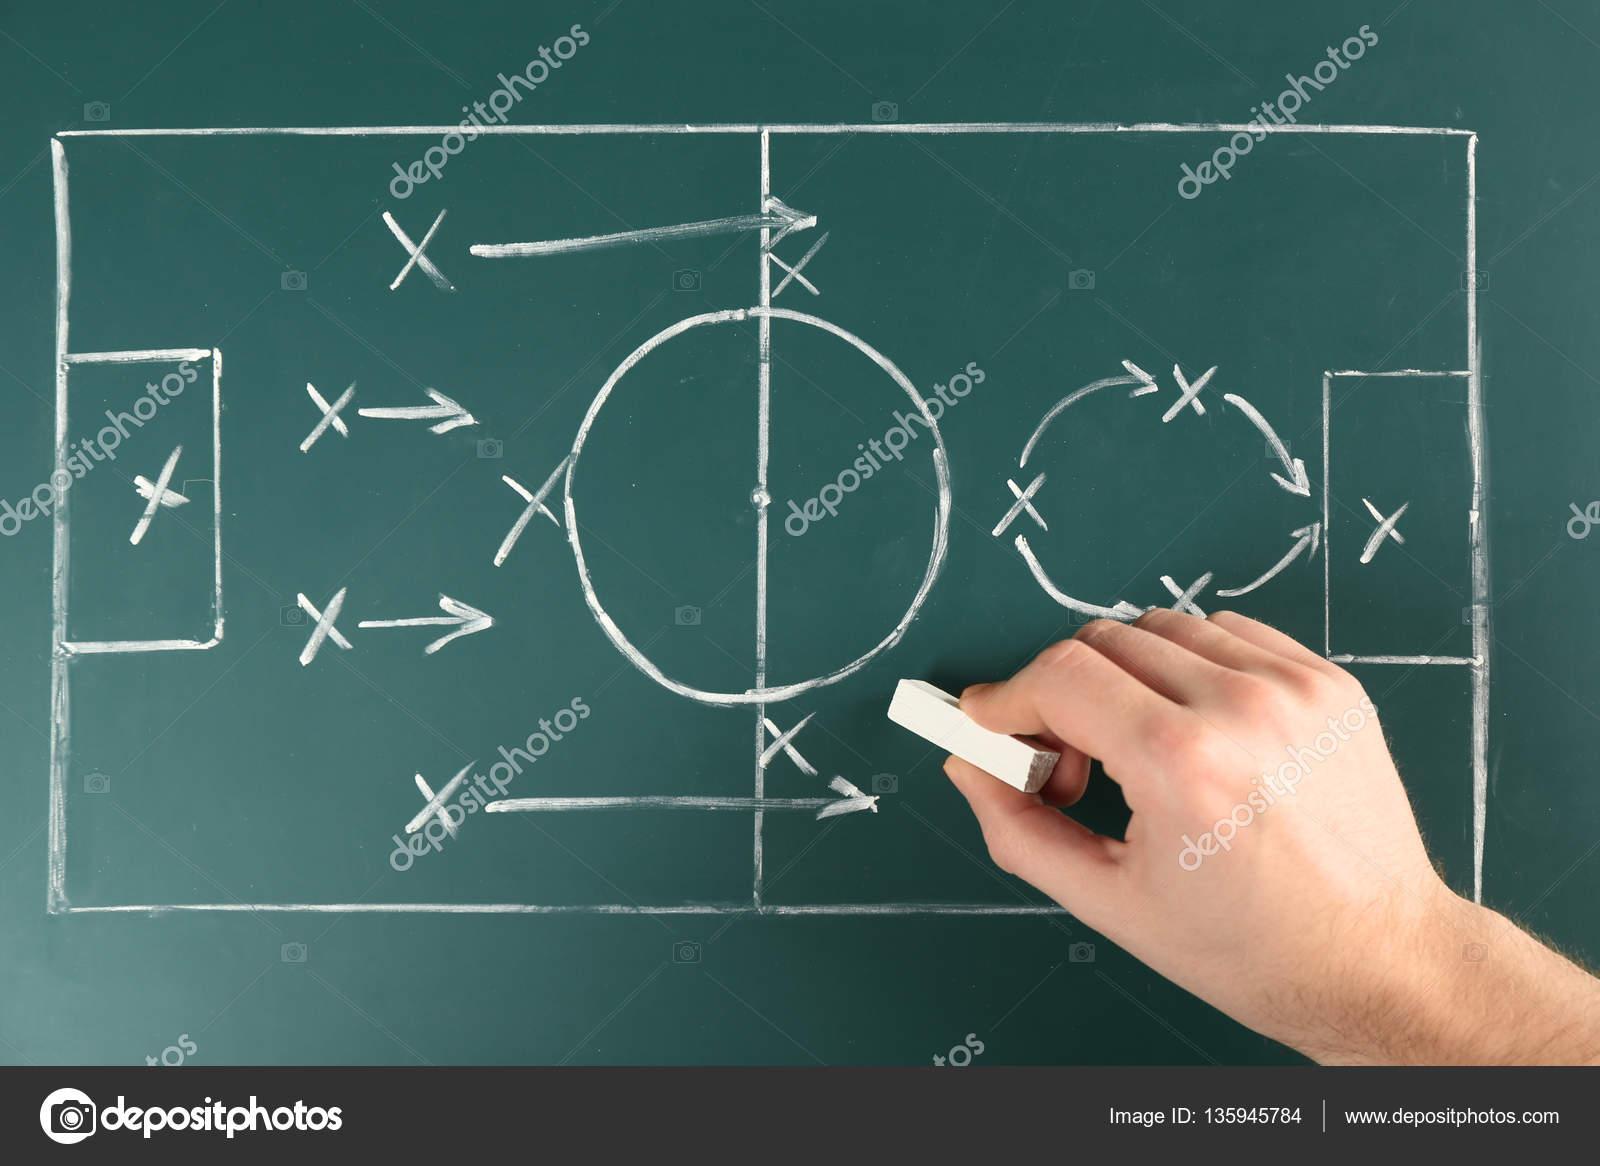 Рисовать схему футбола